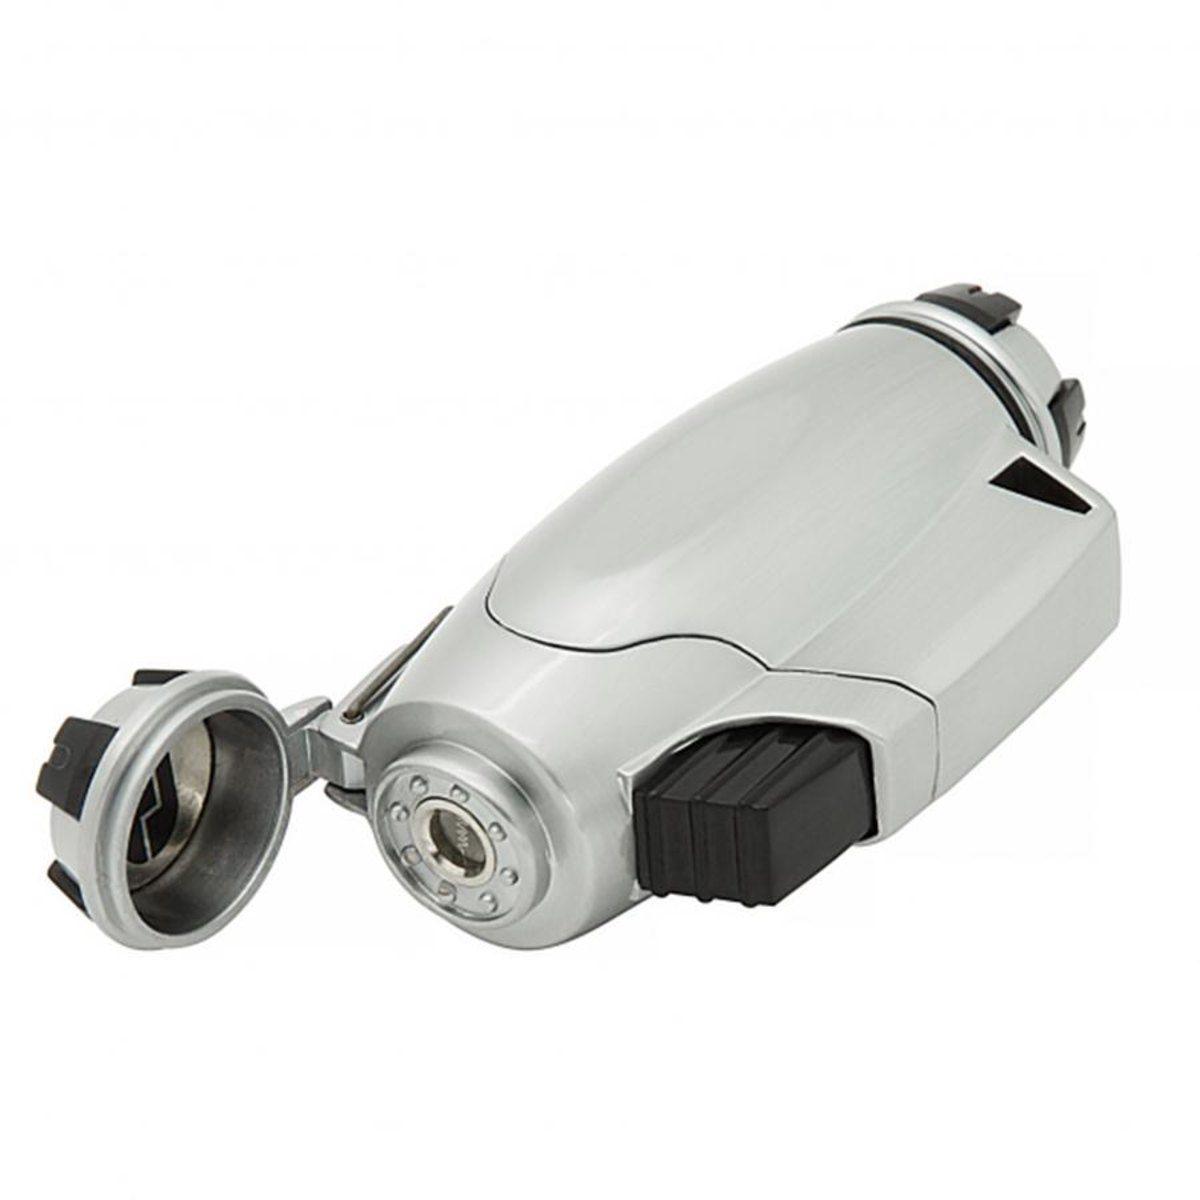 Isqueiro Tipo Maçarico Com Chama Ajustavel True Utility FireWire Turbojet Lighter